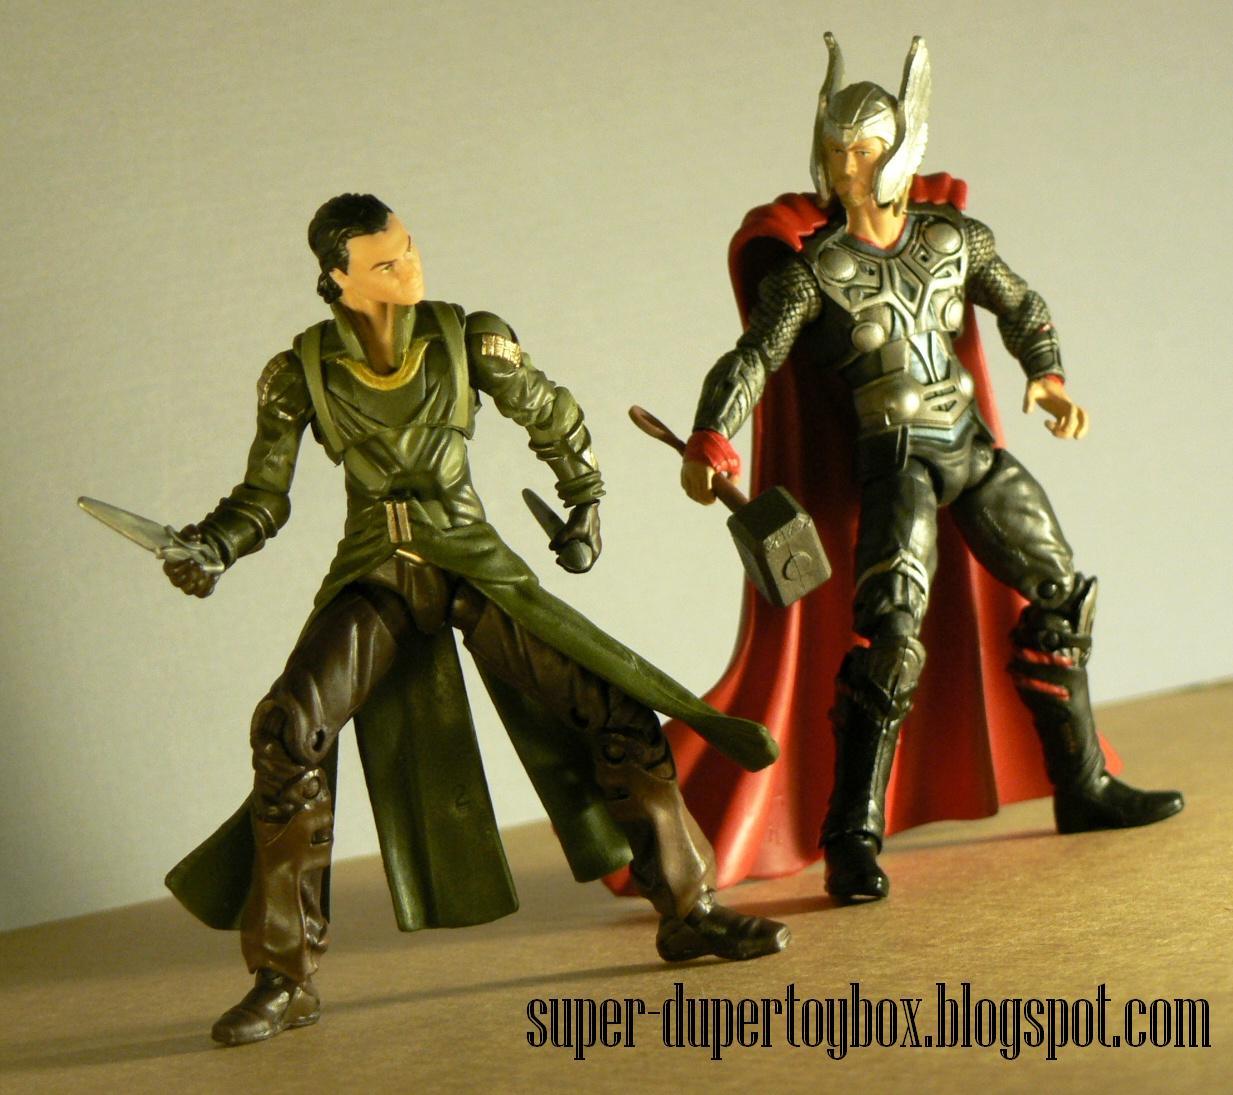 Super-DuperToyBox: Thor Movie Figures: Thor, Odin, & Loki